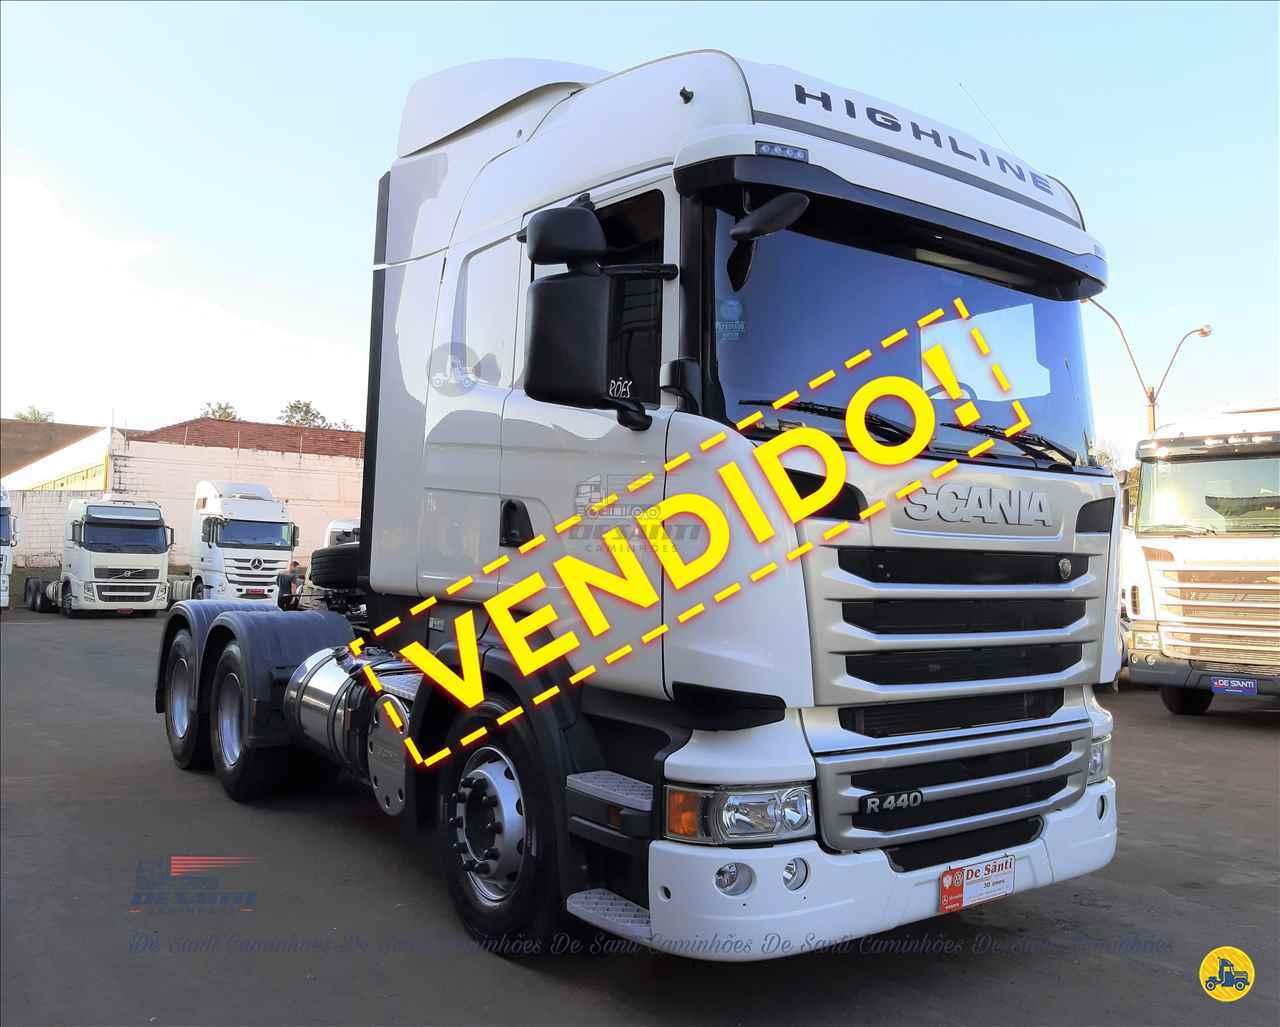 SCANIA 440 de De Santi Caminhões - RIBEIRAO PRETO/SP